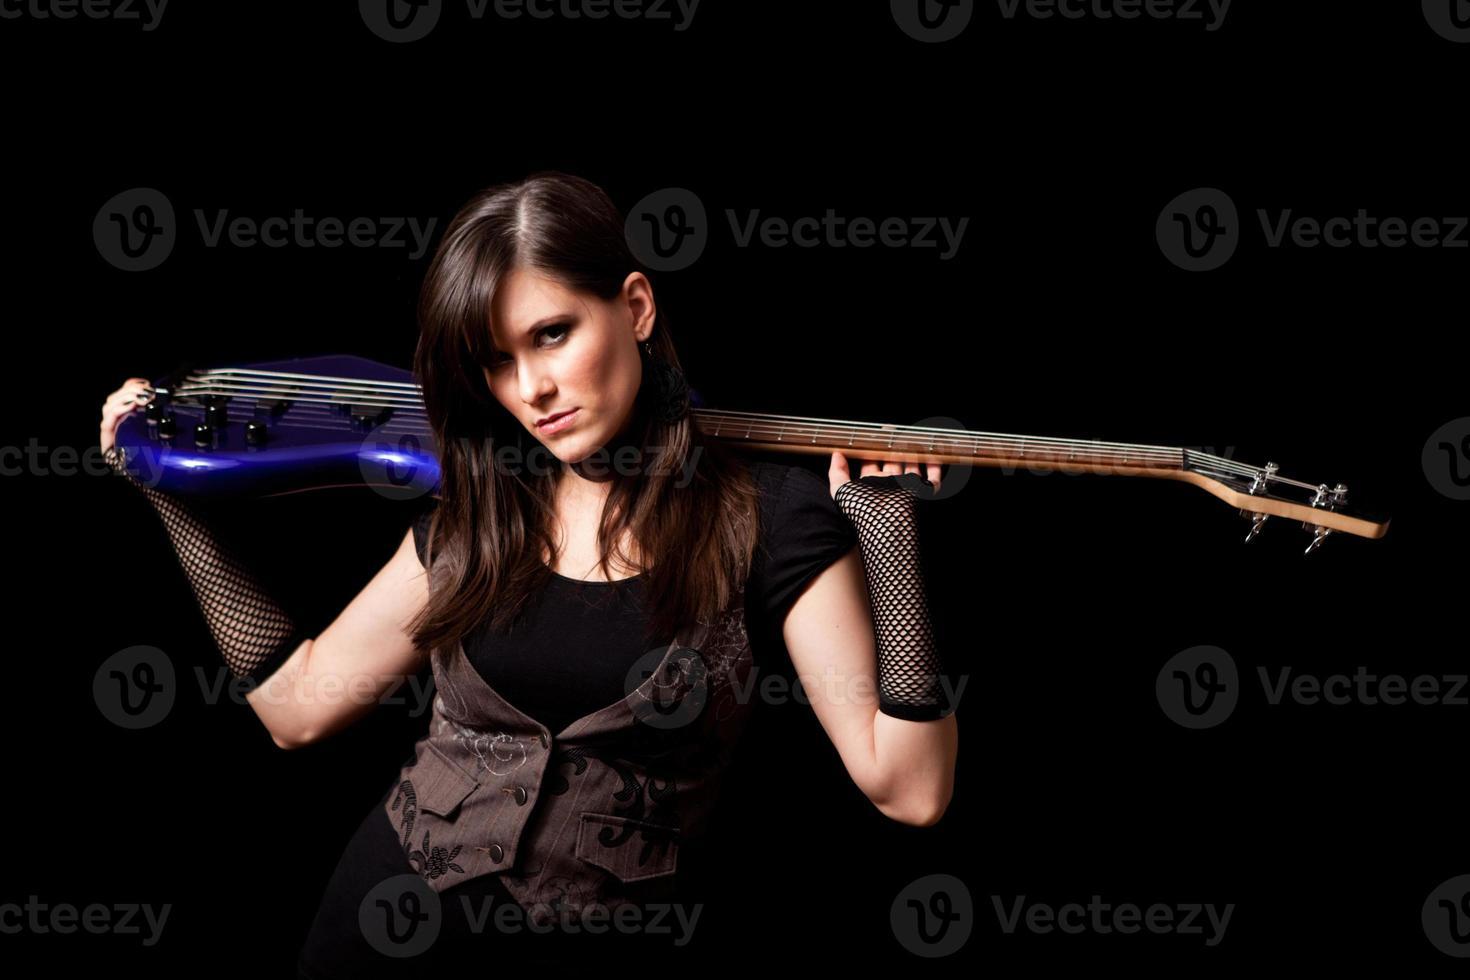 Tough Rocker Girl Holding Bass Guitar Behind Her Neck photo